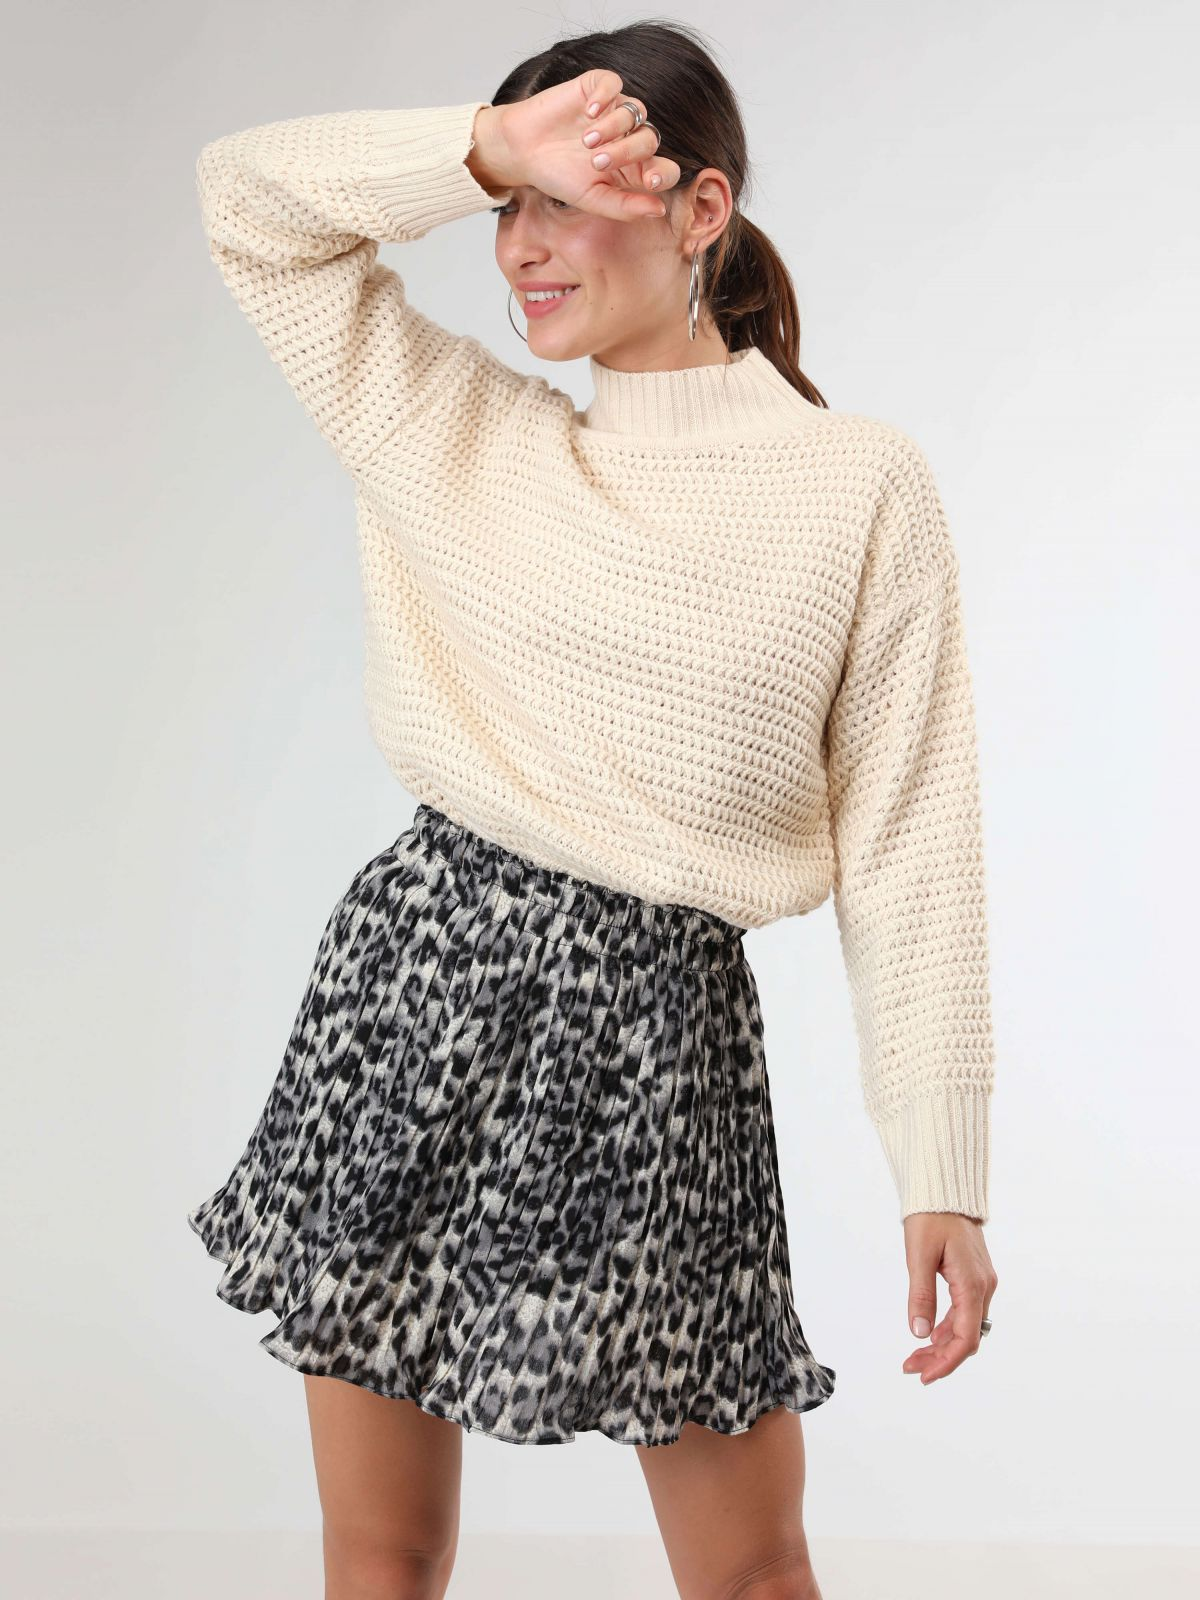 חצאית פליסה מיני בהדפס מנומרחצאית פליסה מיני בהדפס מנומר של TERMINAL X